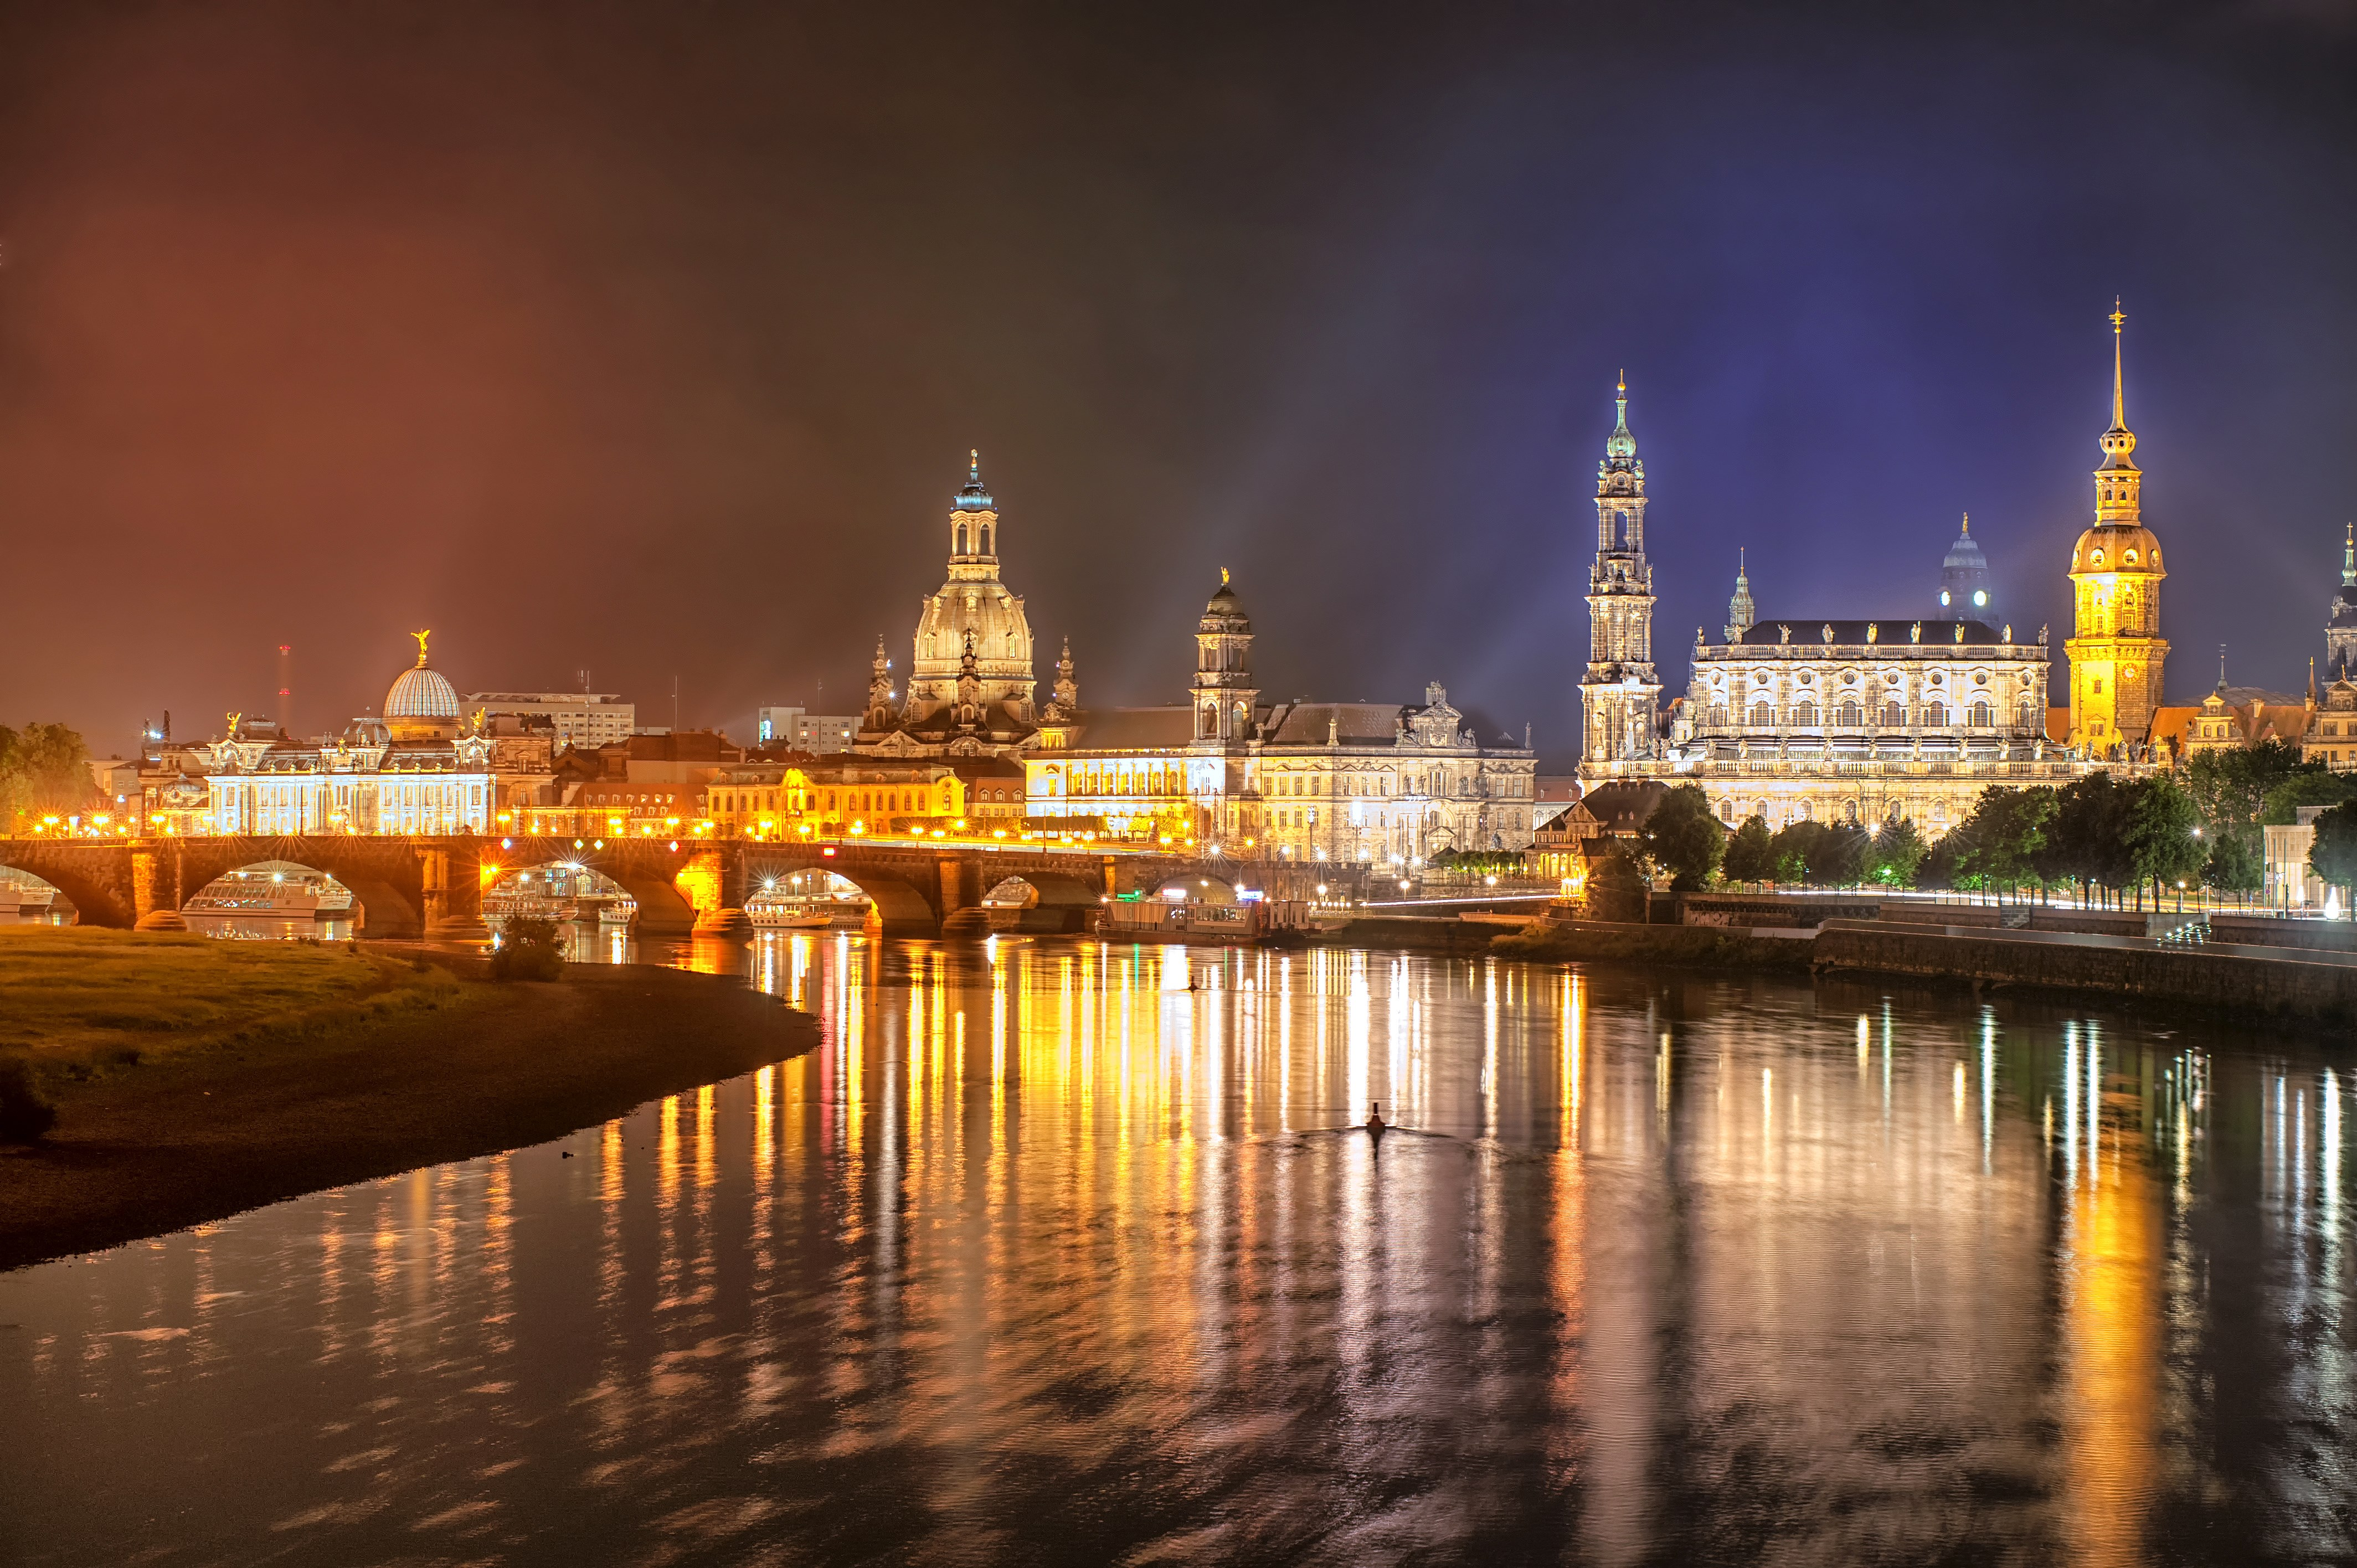 Dresden Wallpaper 14   4256 X 2832 stmednet 4256x2832